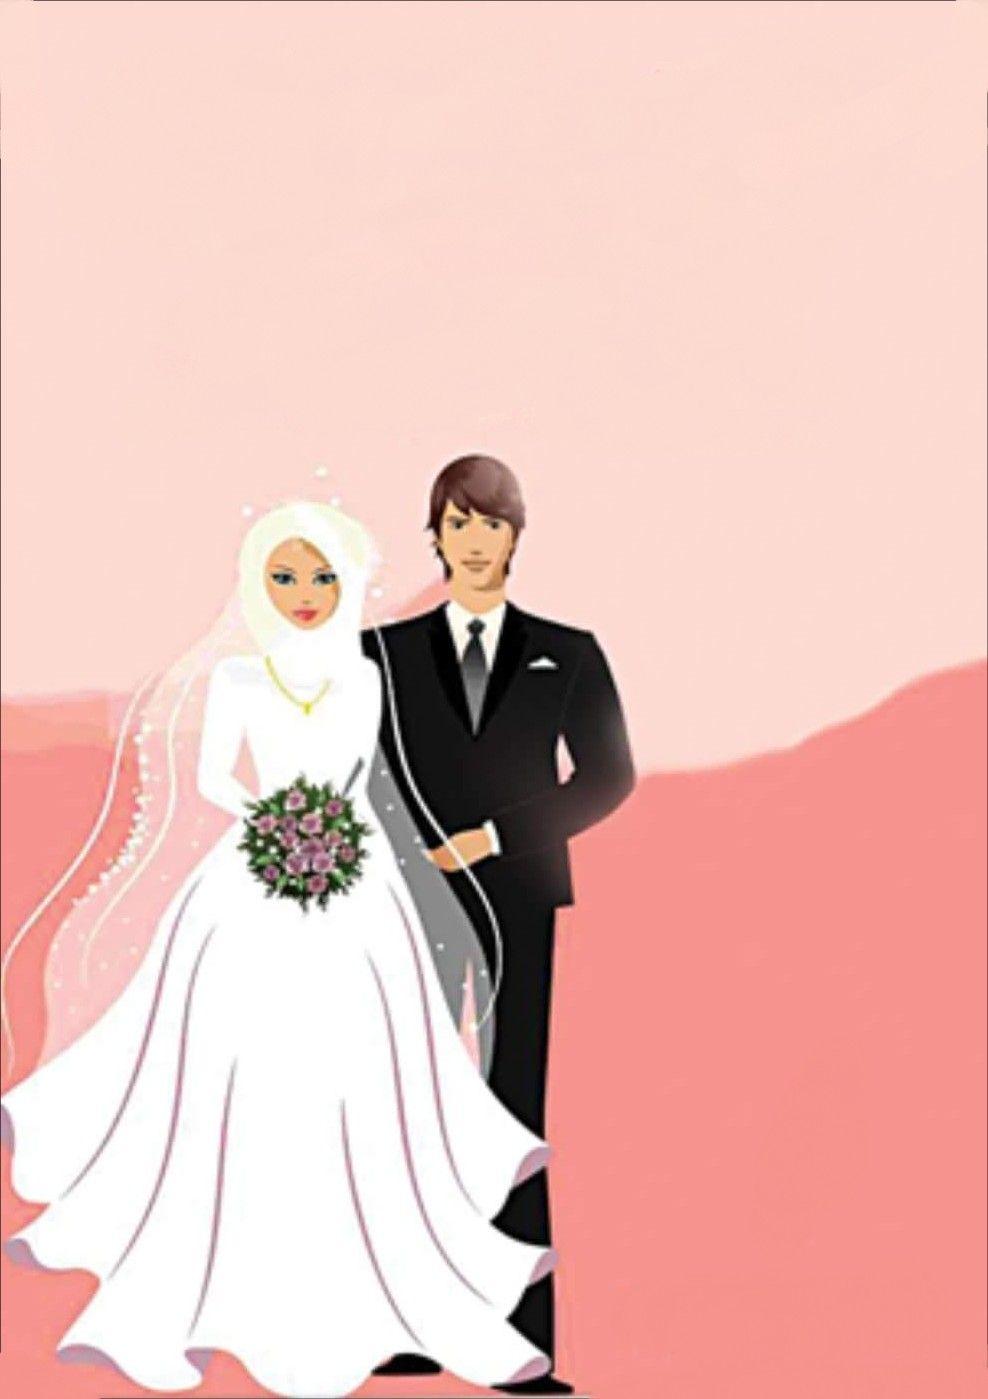 Wedding Anime Gambar Pengantin Kartun Gambar Perkawinan